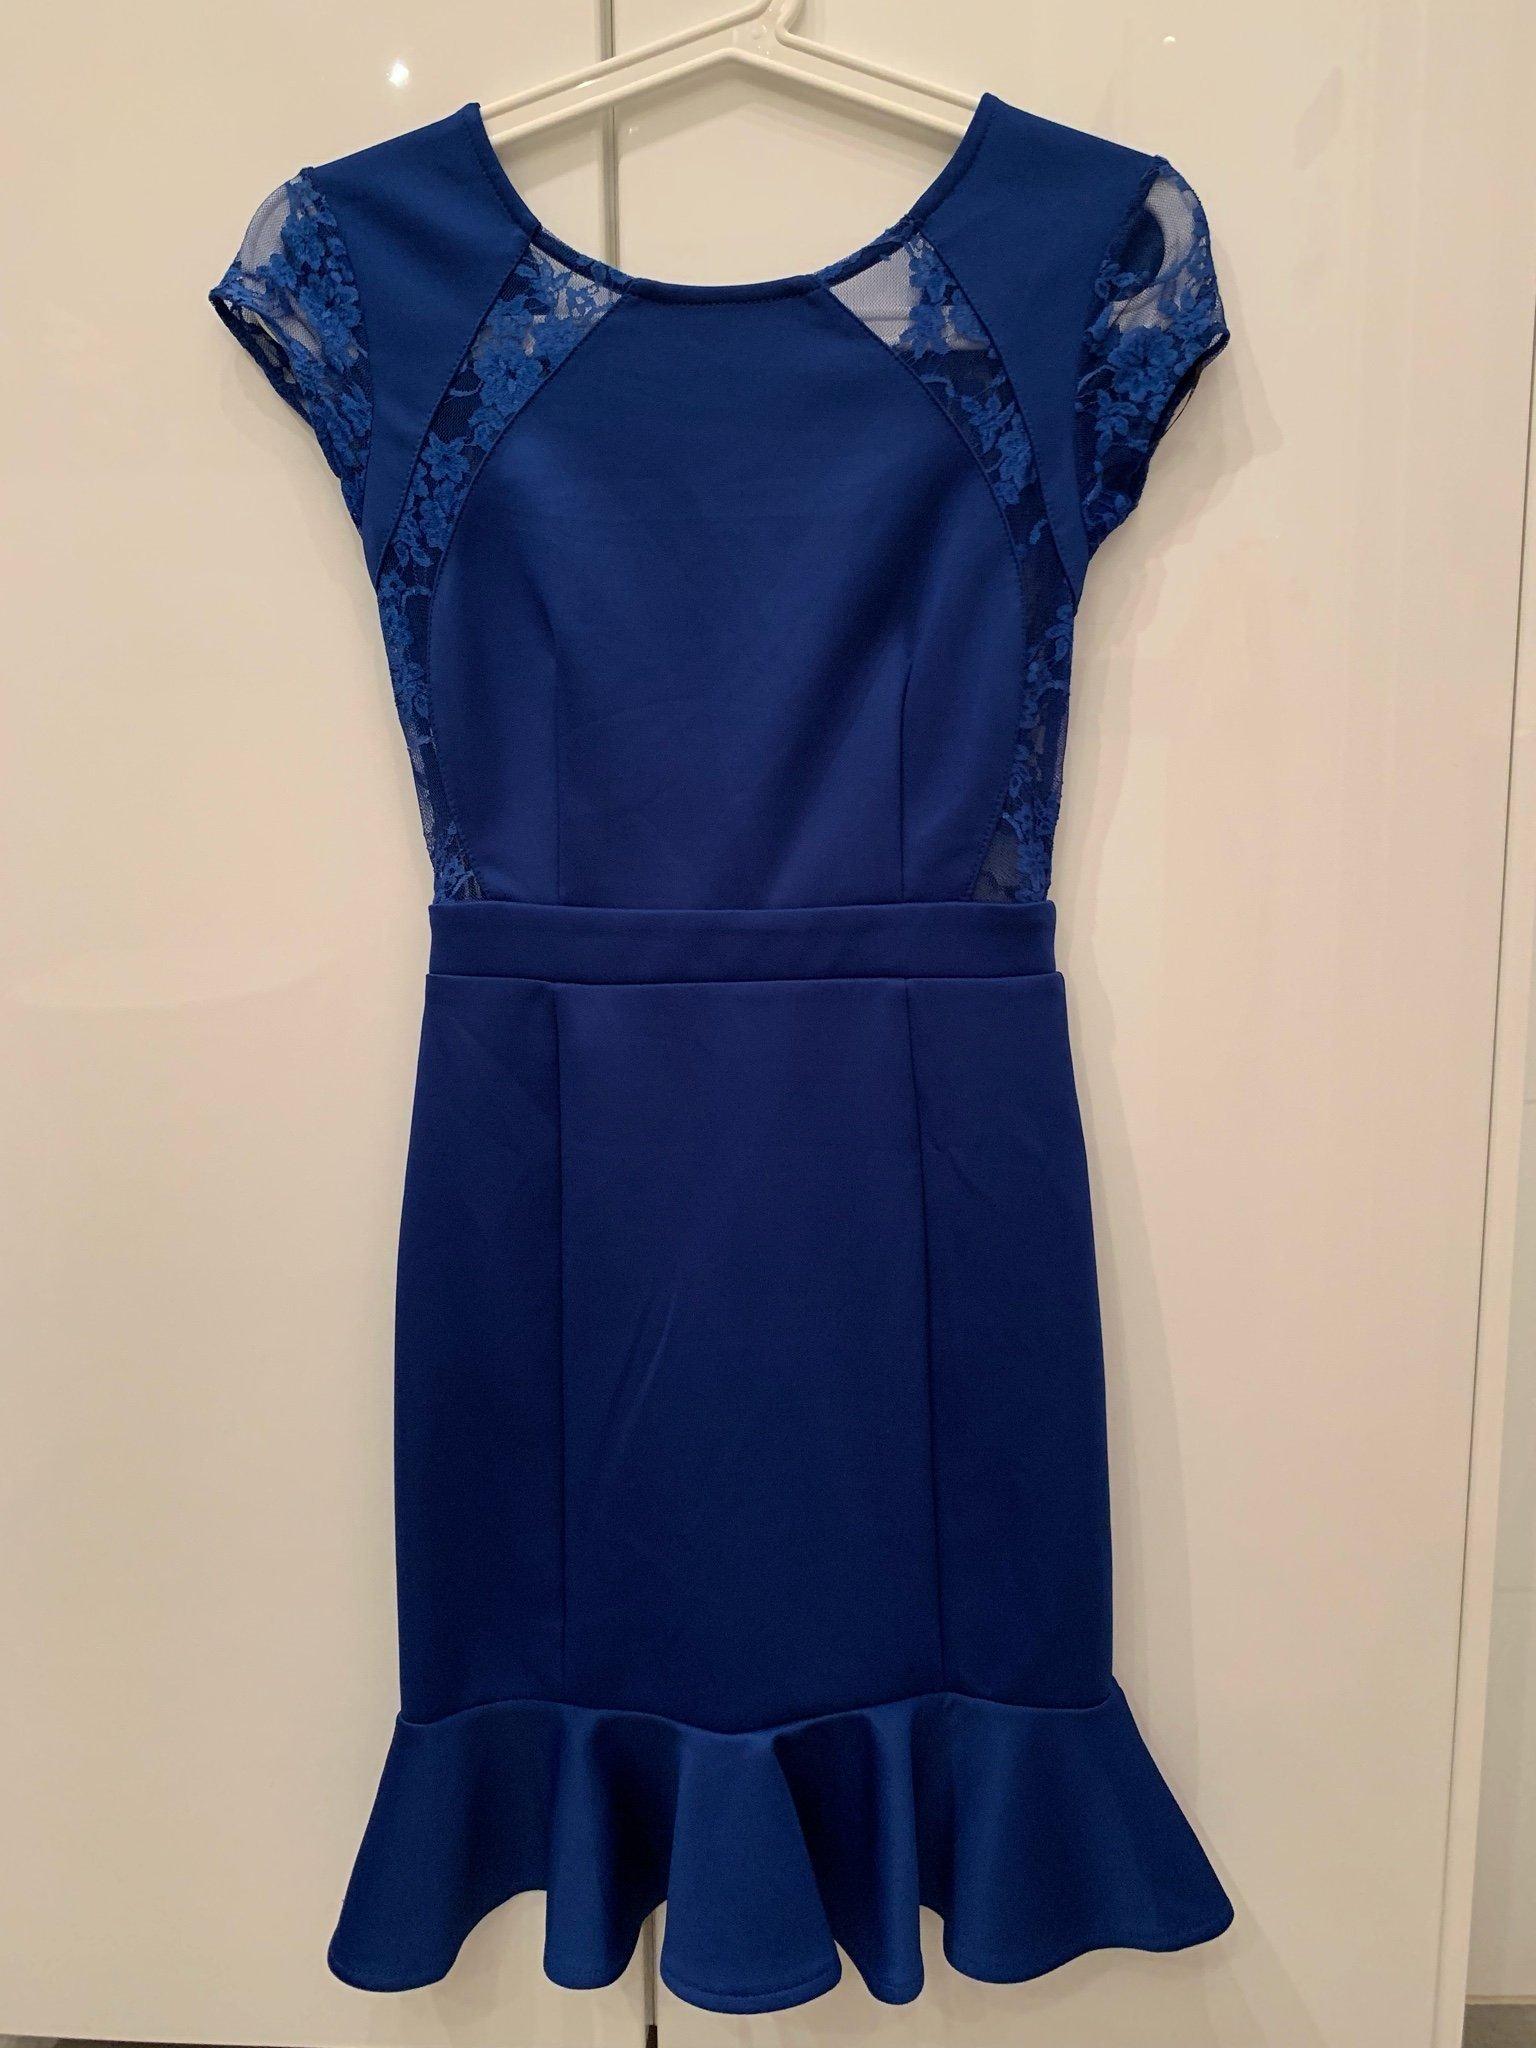 c49f2ee4fd1 Blå klänning från asos med spets xxs (348699869) ᐈ Köp på Tradera